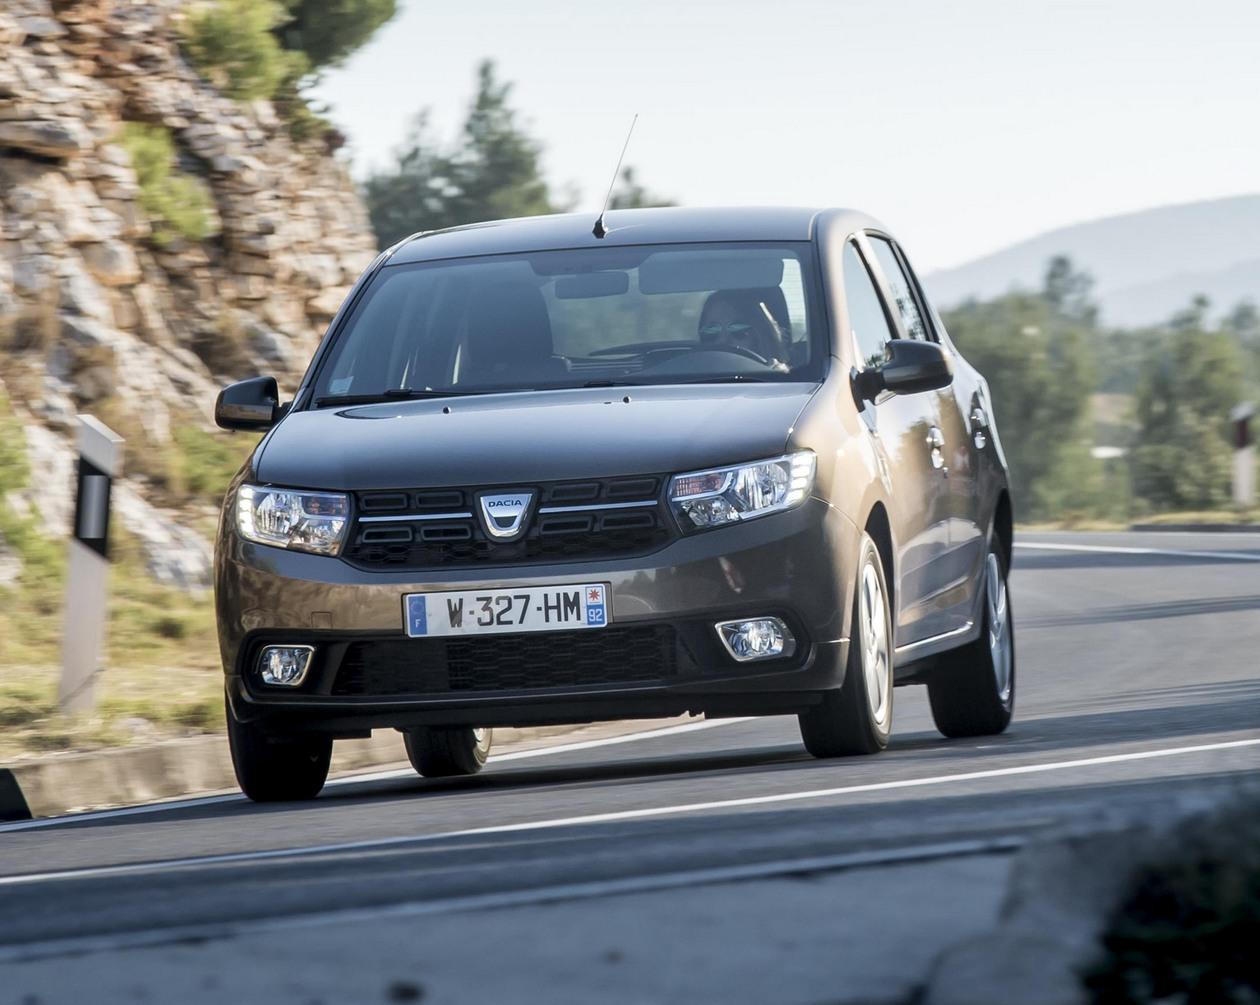 Следующая Dacia Sandero догонит Renault Megane и Ford Focus по размерам